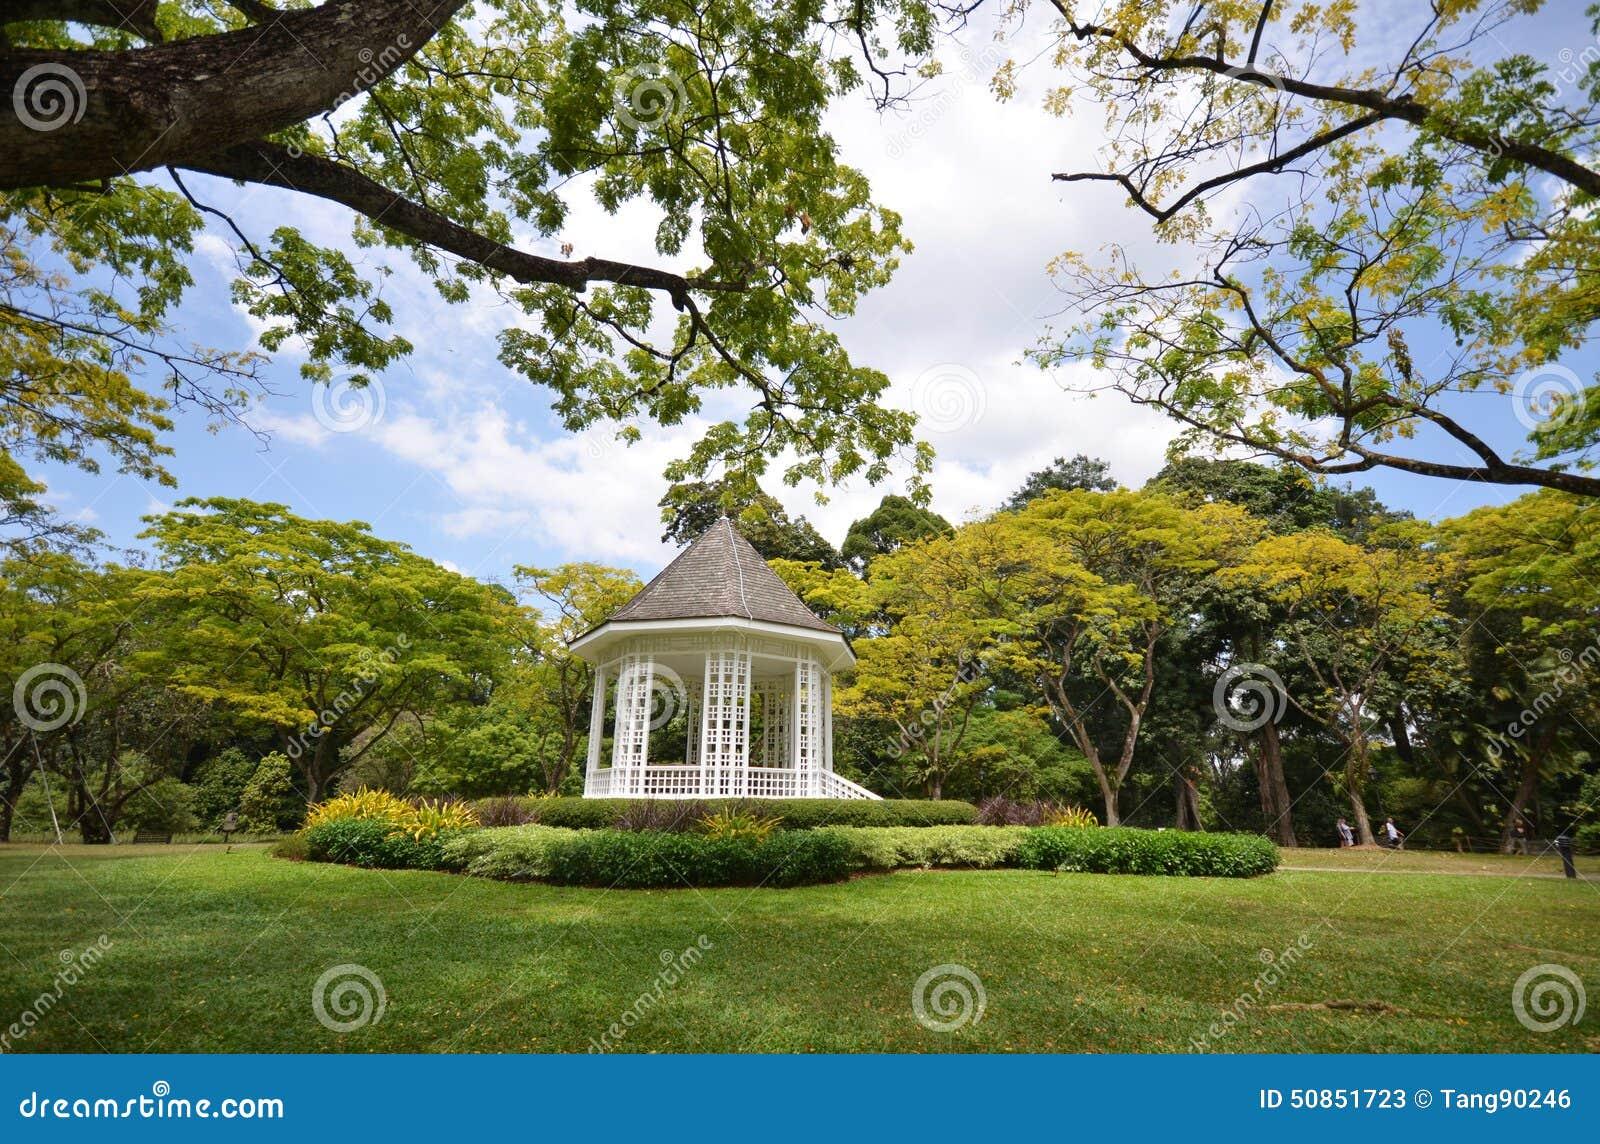 Jardin botanique de singapour photo stock ditorial for Jardin botanique de conception